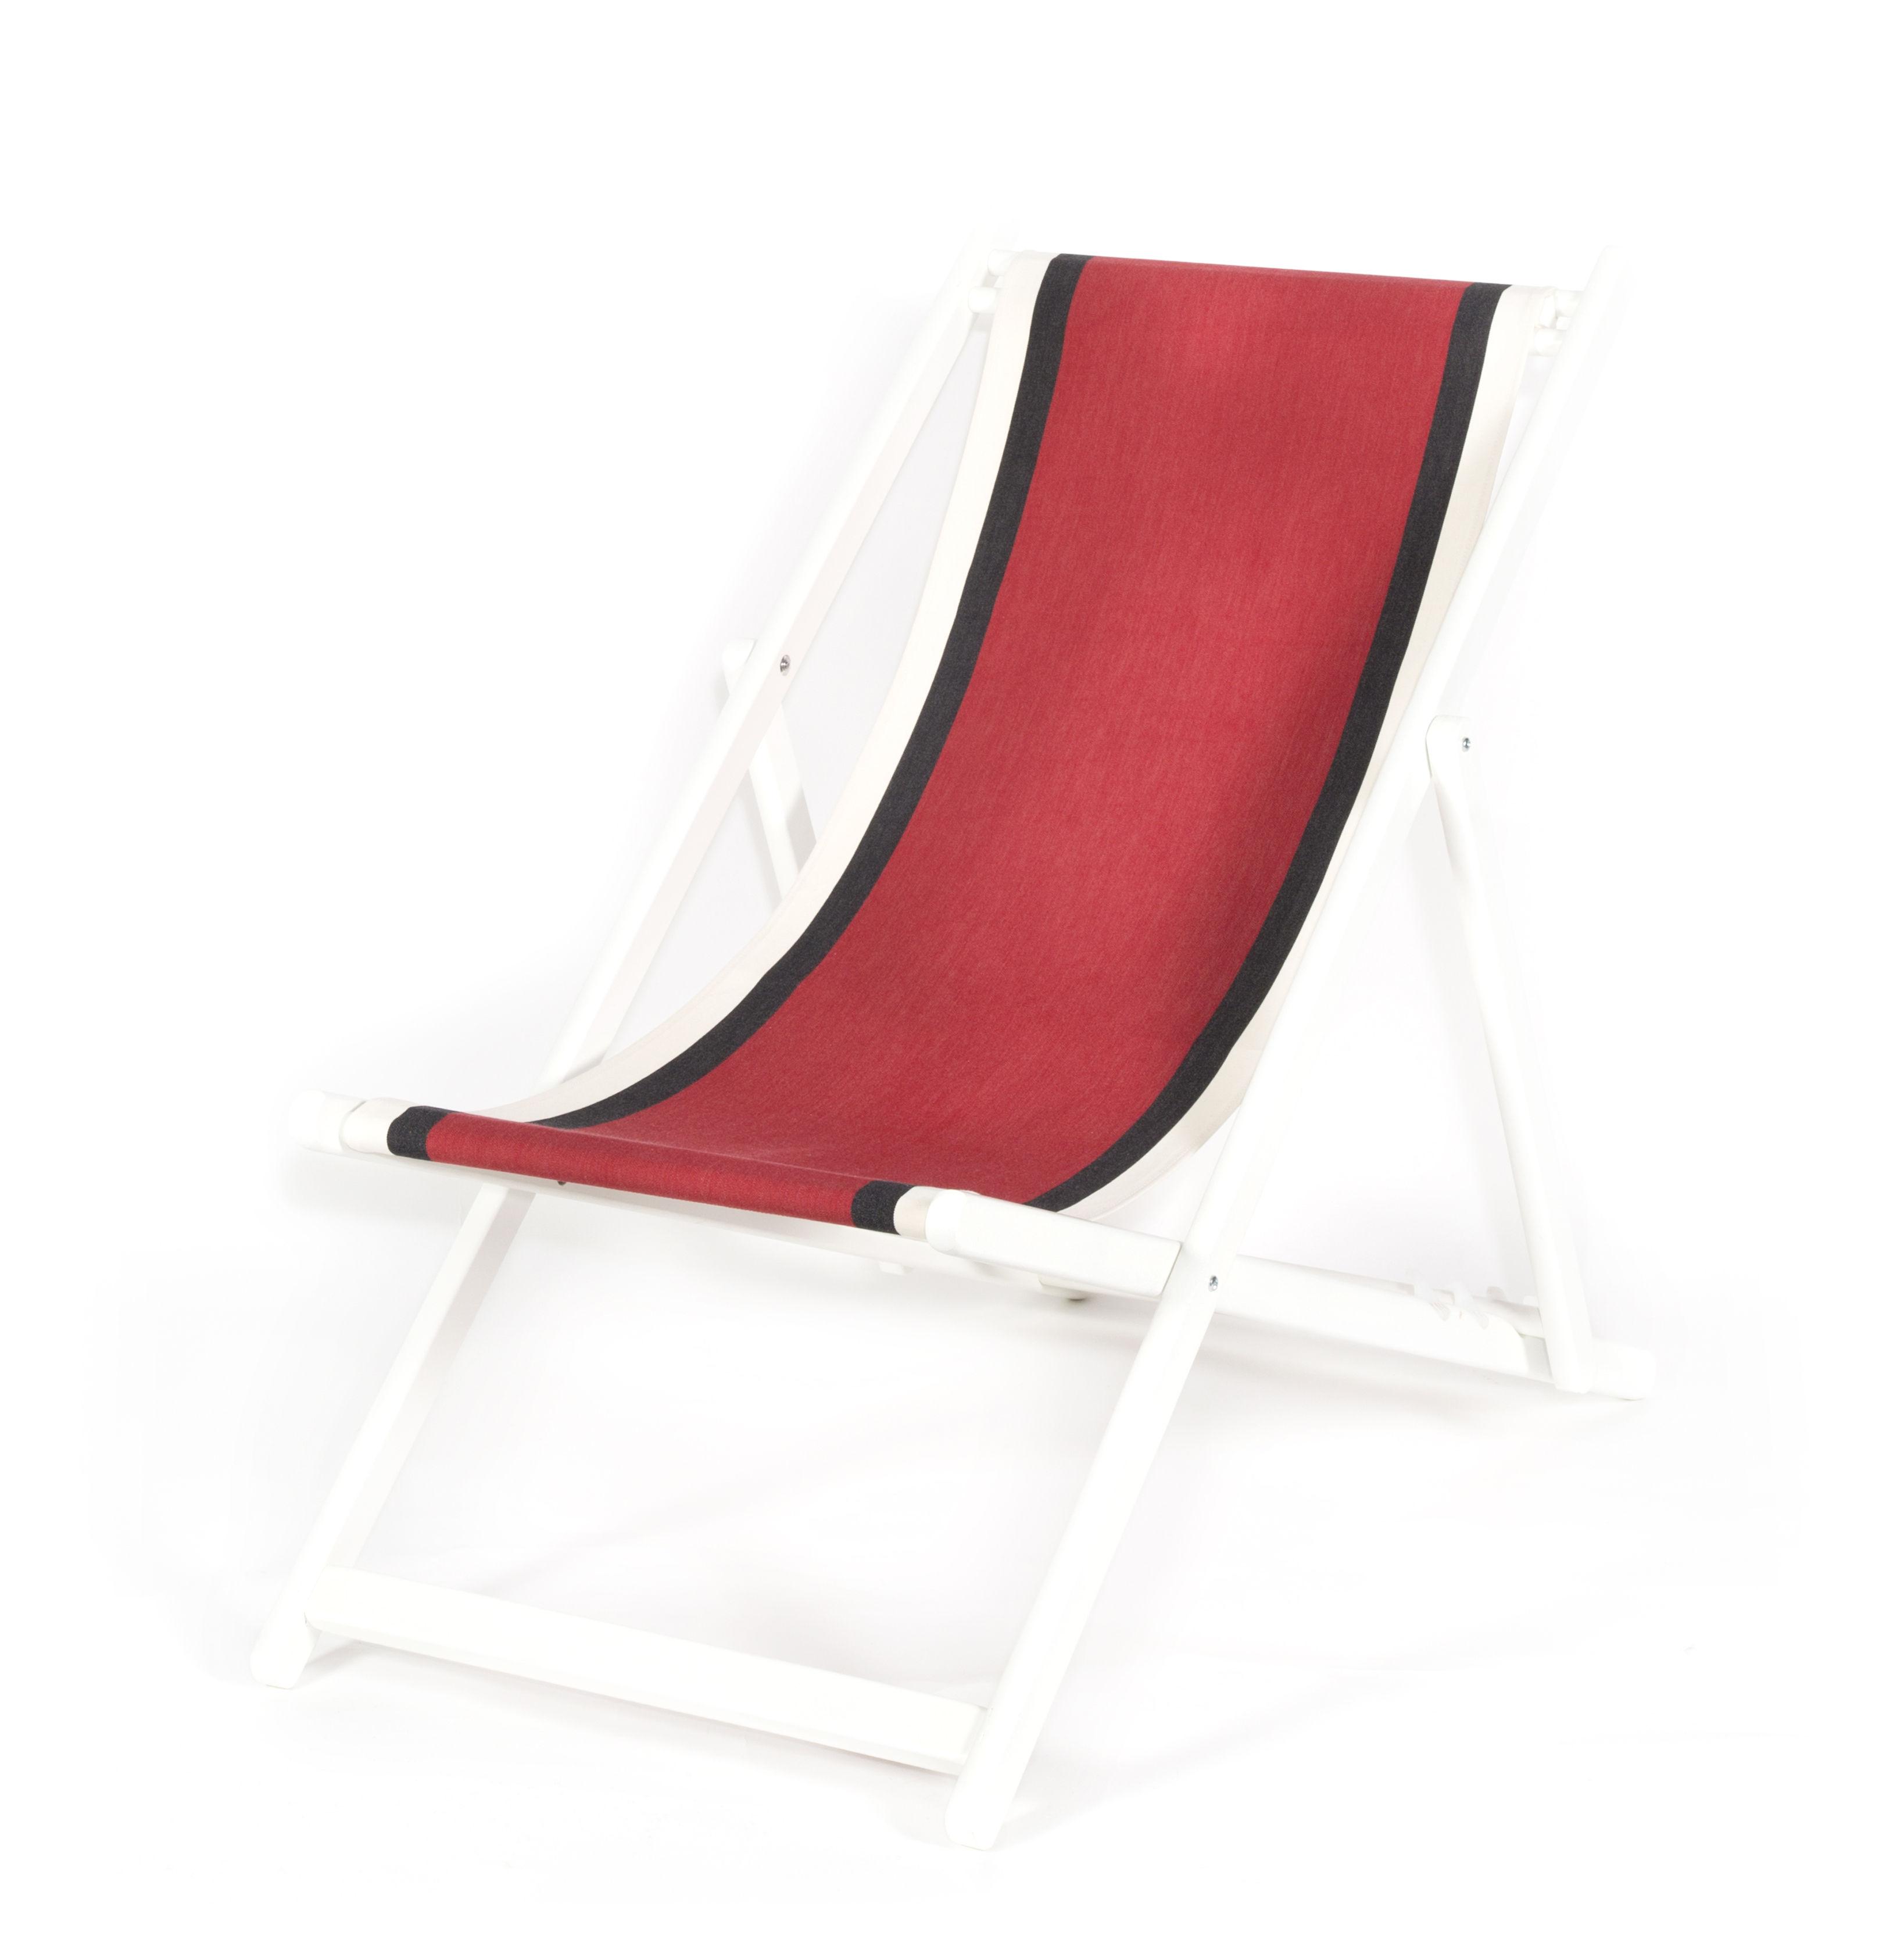 Outdoor - Liegen und Hängematten - Transat Liege / Zusammenklappbar & verstellbar - Maison Sarah Lavoine - Rot / Gestell weiß - Baumwolle, lackiertes Holz